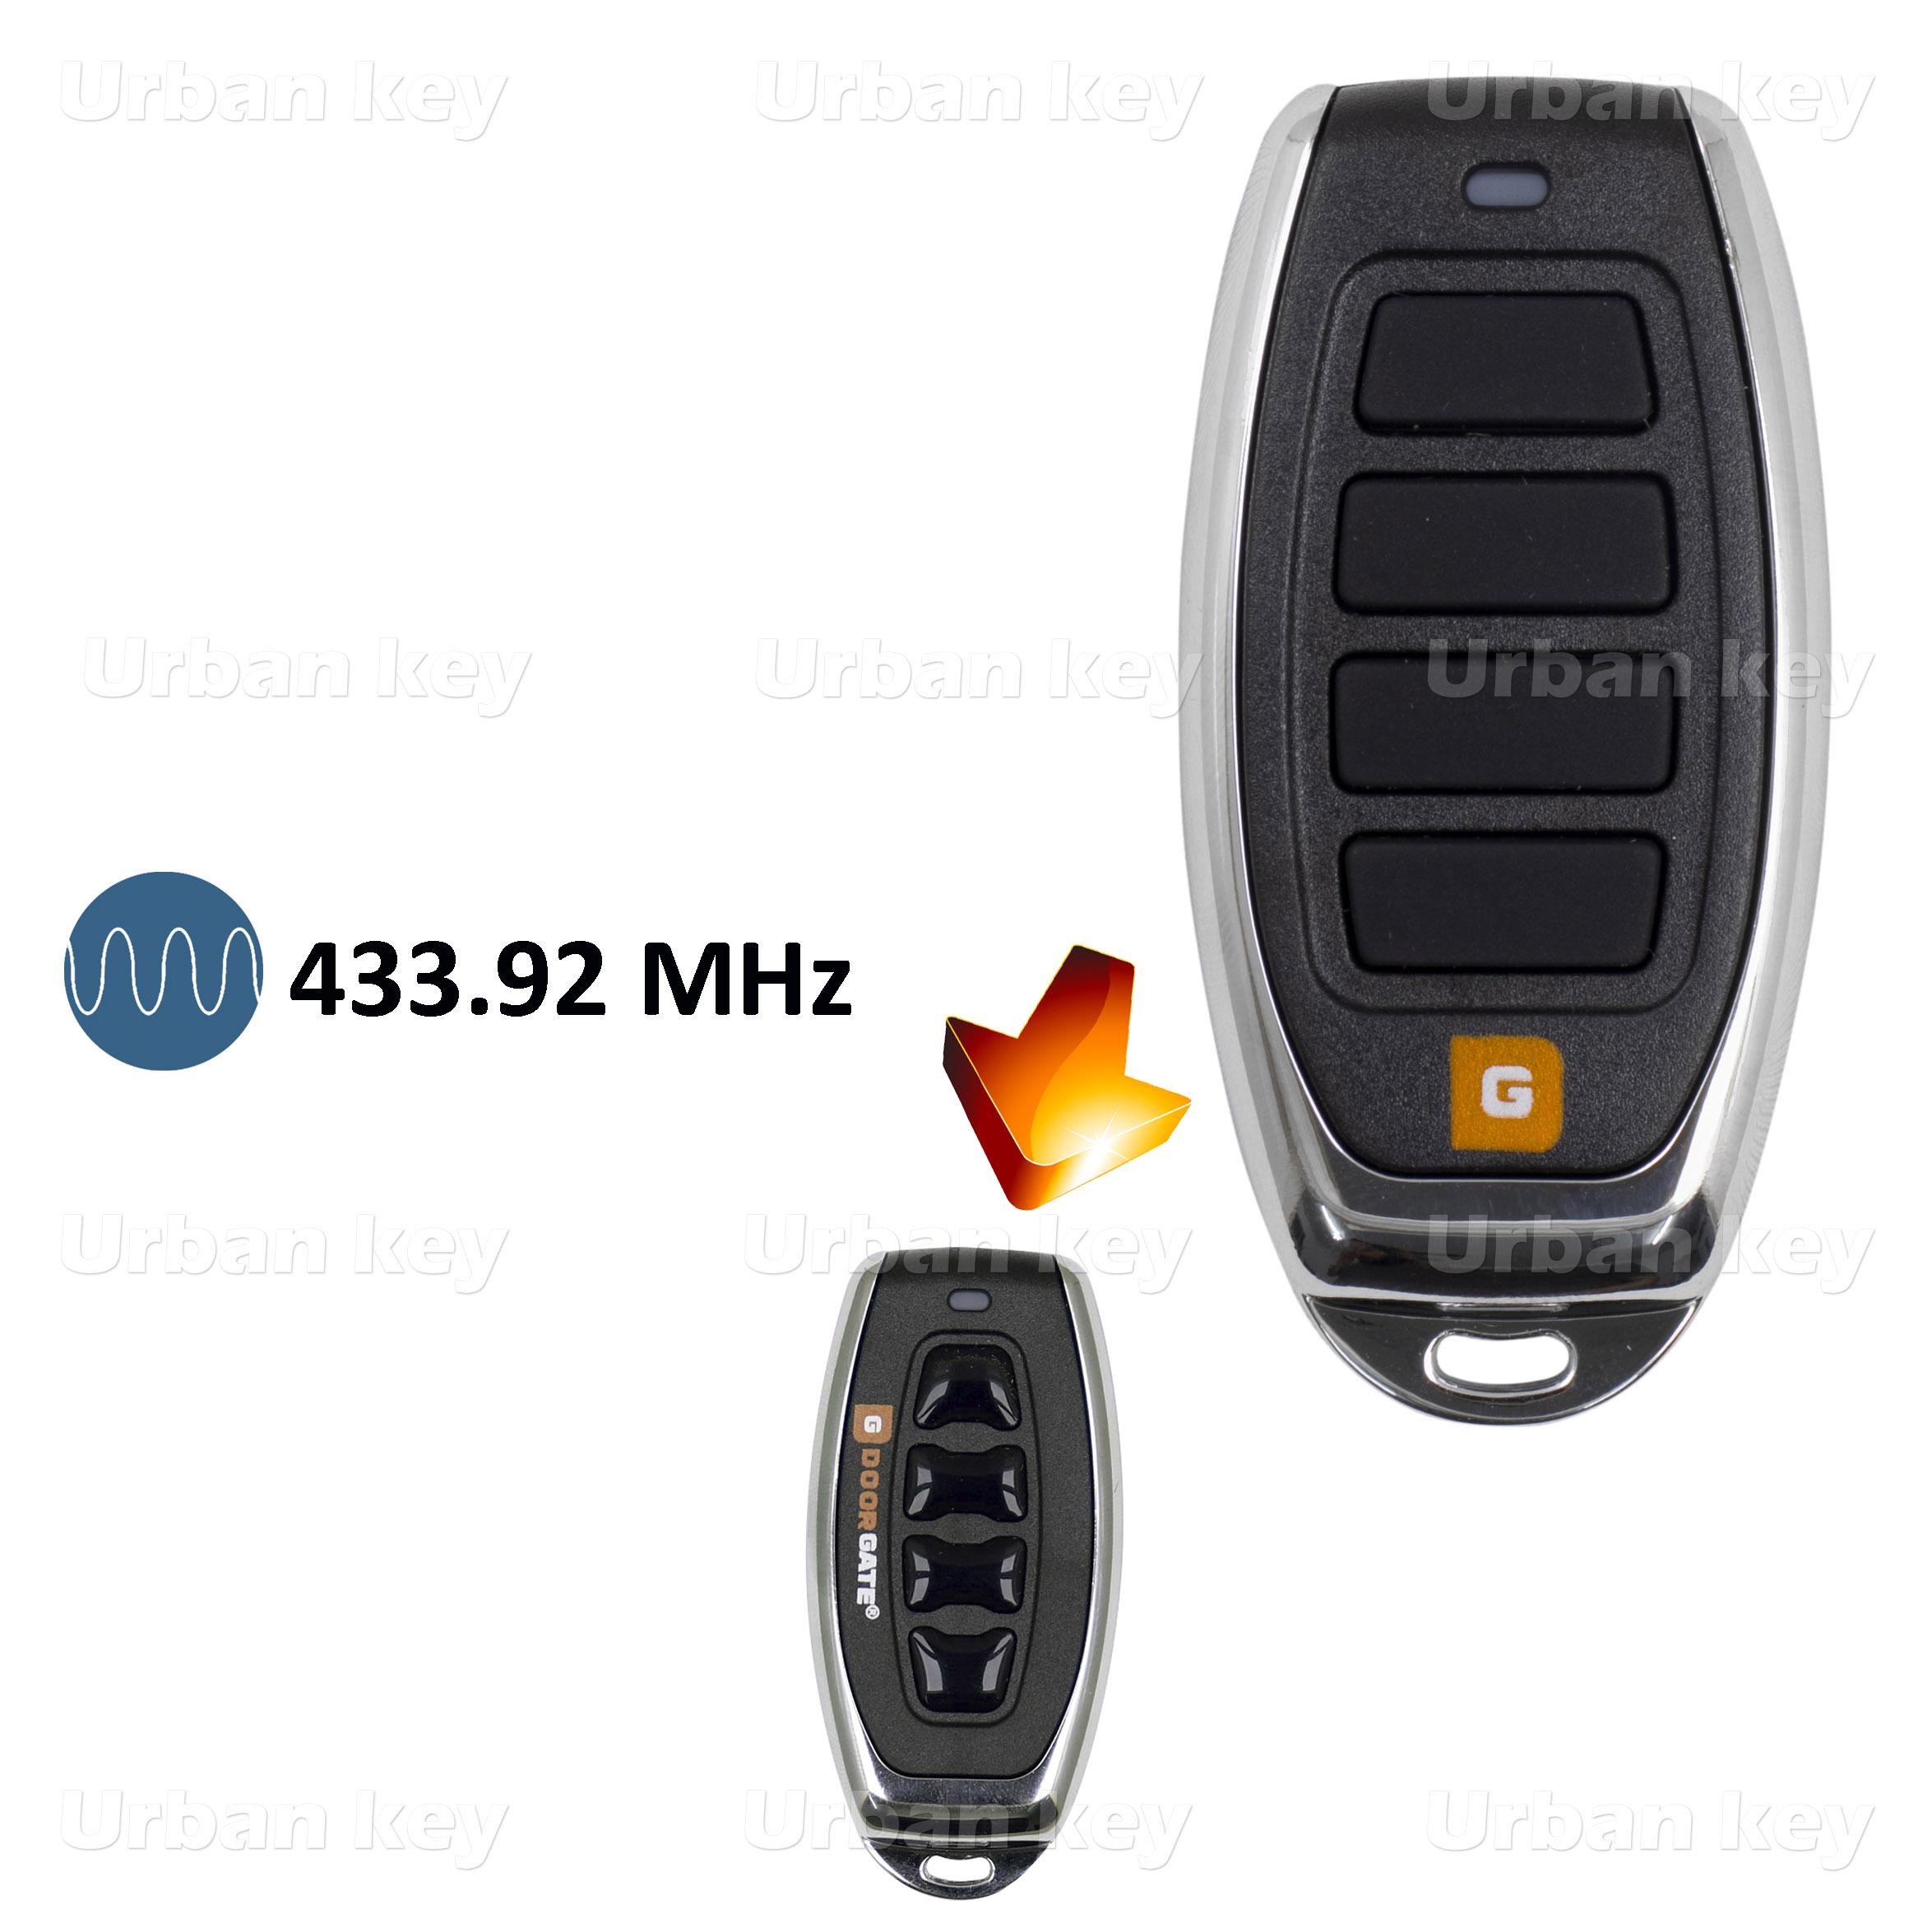 EMISSOR DOORGATE TX4 433 MHz 4 CANAIS